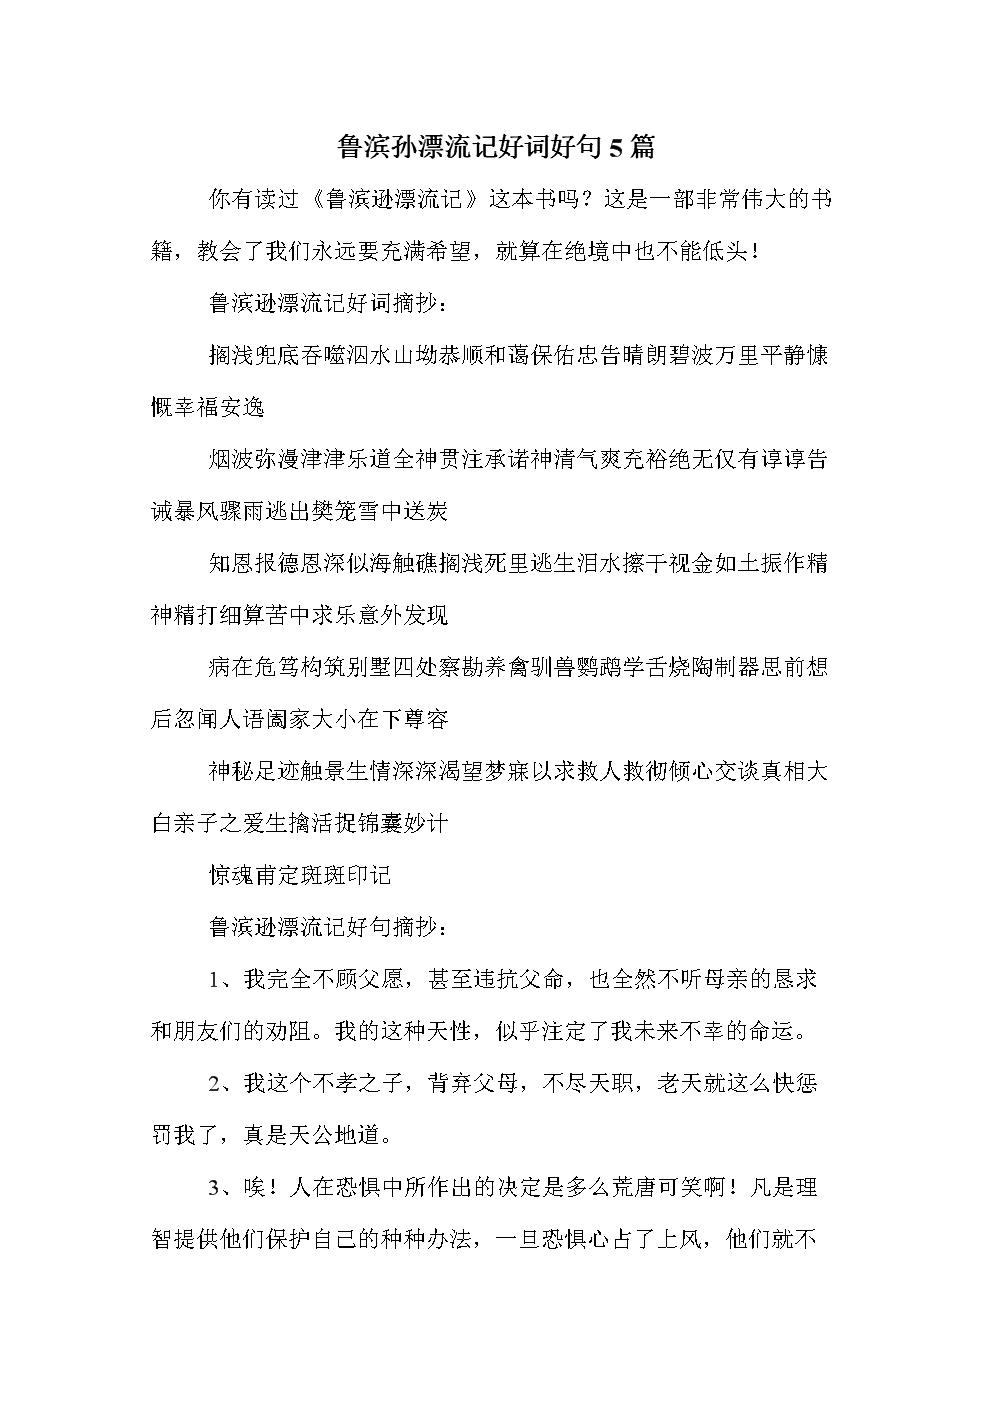 鲁滨孙漂流记好词好句5篇 .doc